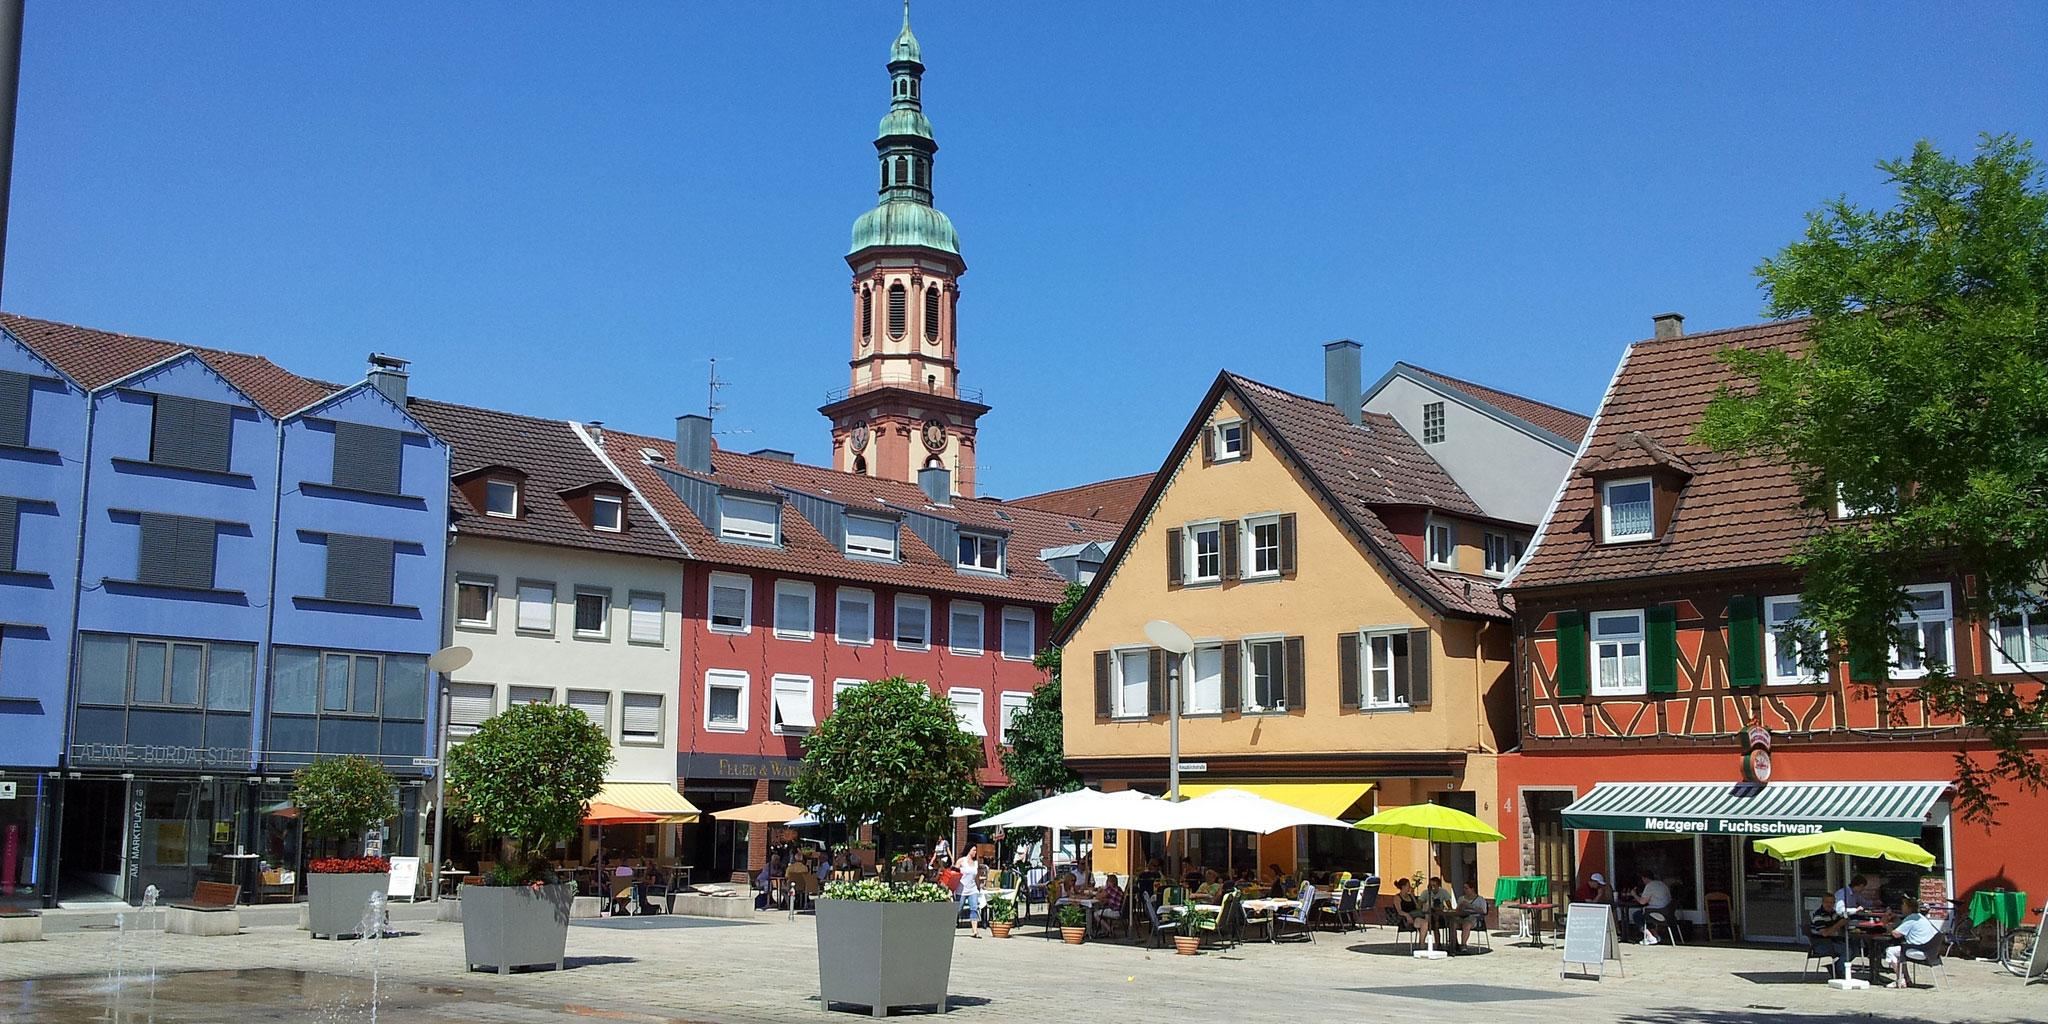 33 Gründe, warum Offenburg in der Ortenau so l(i)ebenswert ist